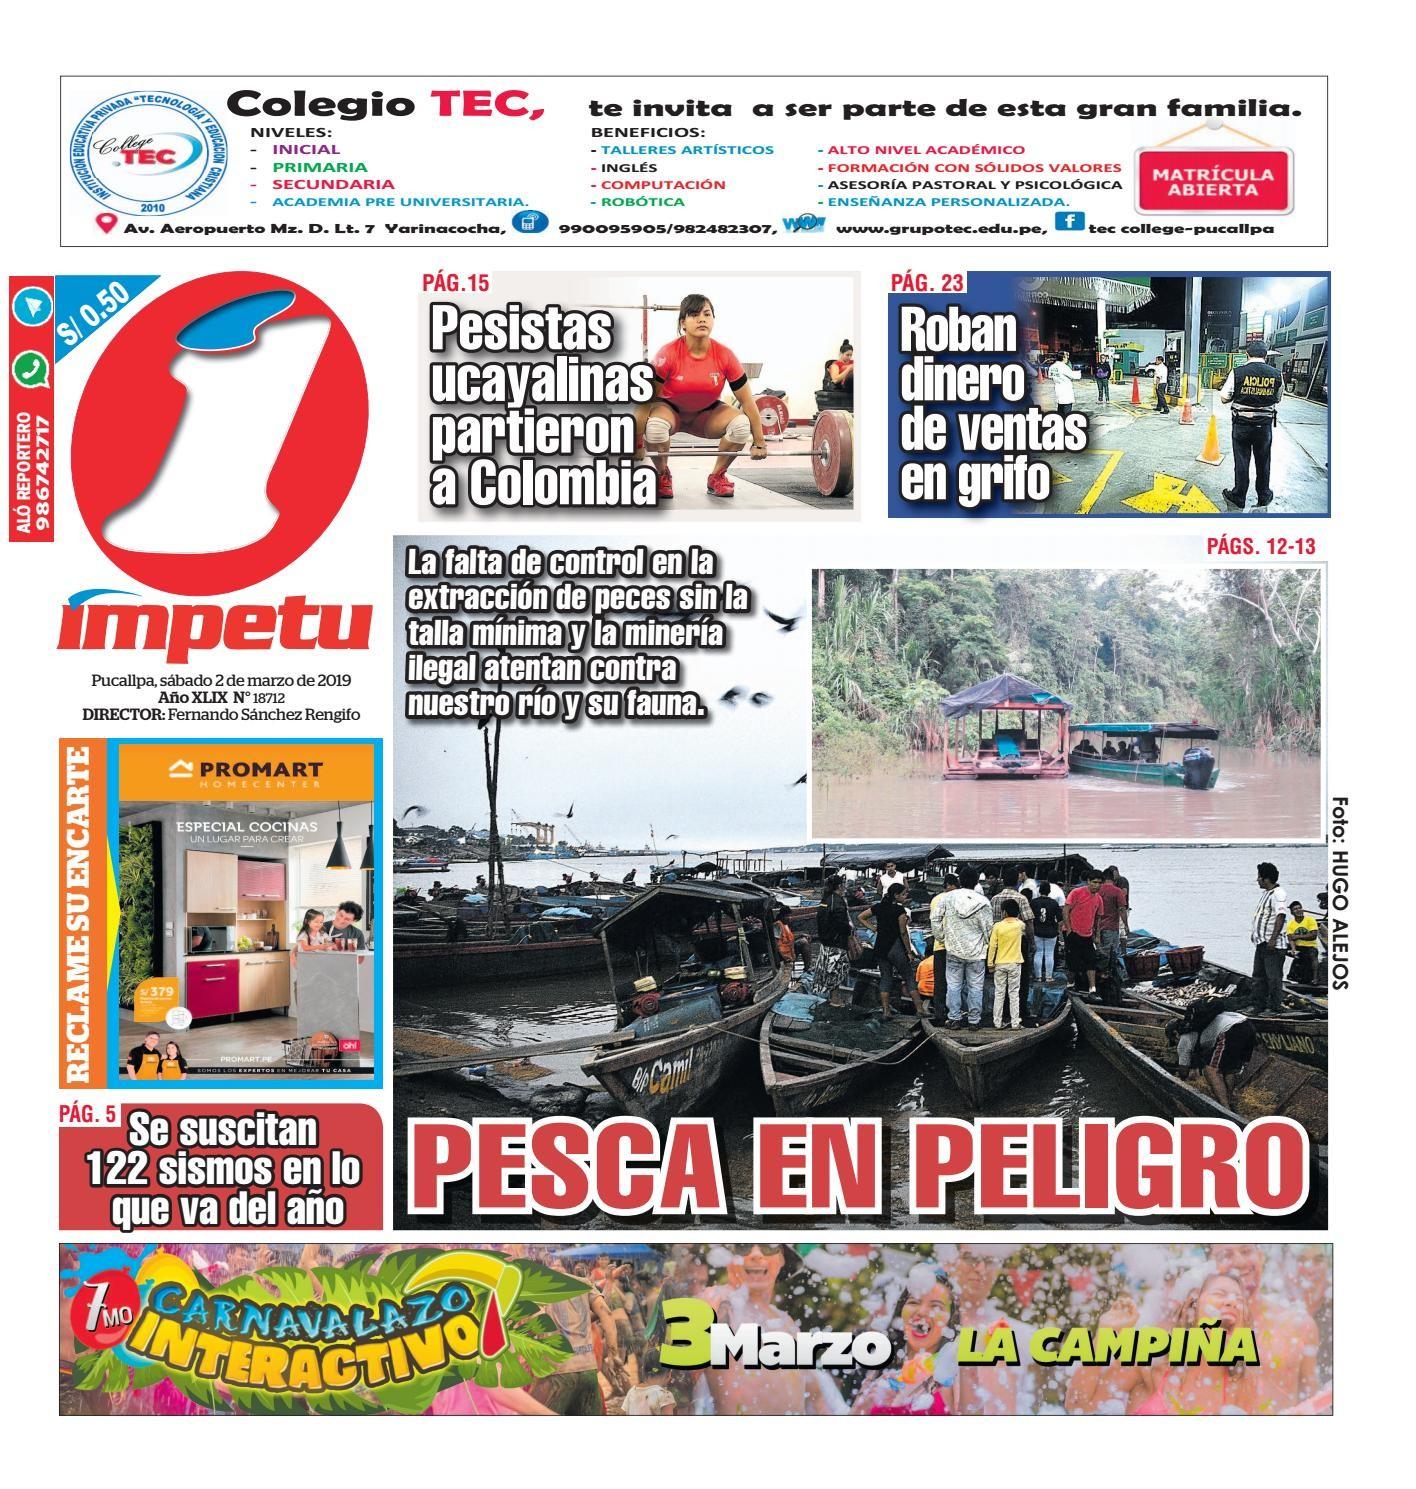 Calendario 2019 Mexico Semana Santa 2019 Guatemala Más Recientes mpetu Pucallpa 2 De Marzo De 2019 by Diario mpetu issuu